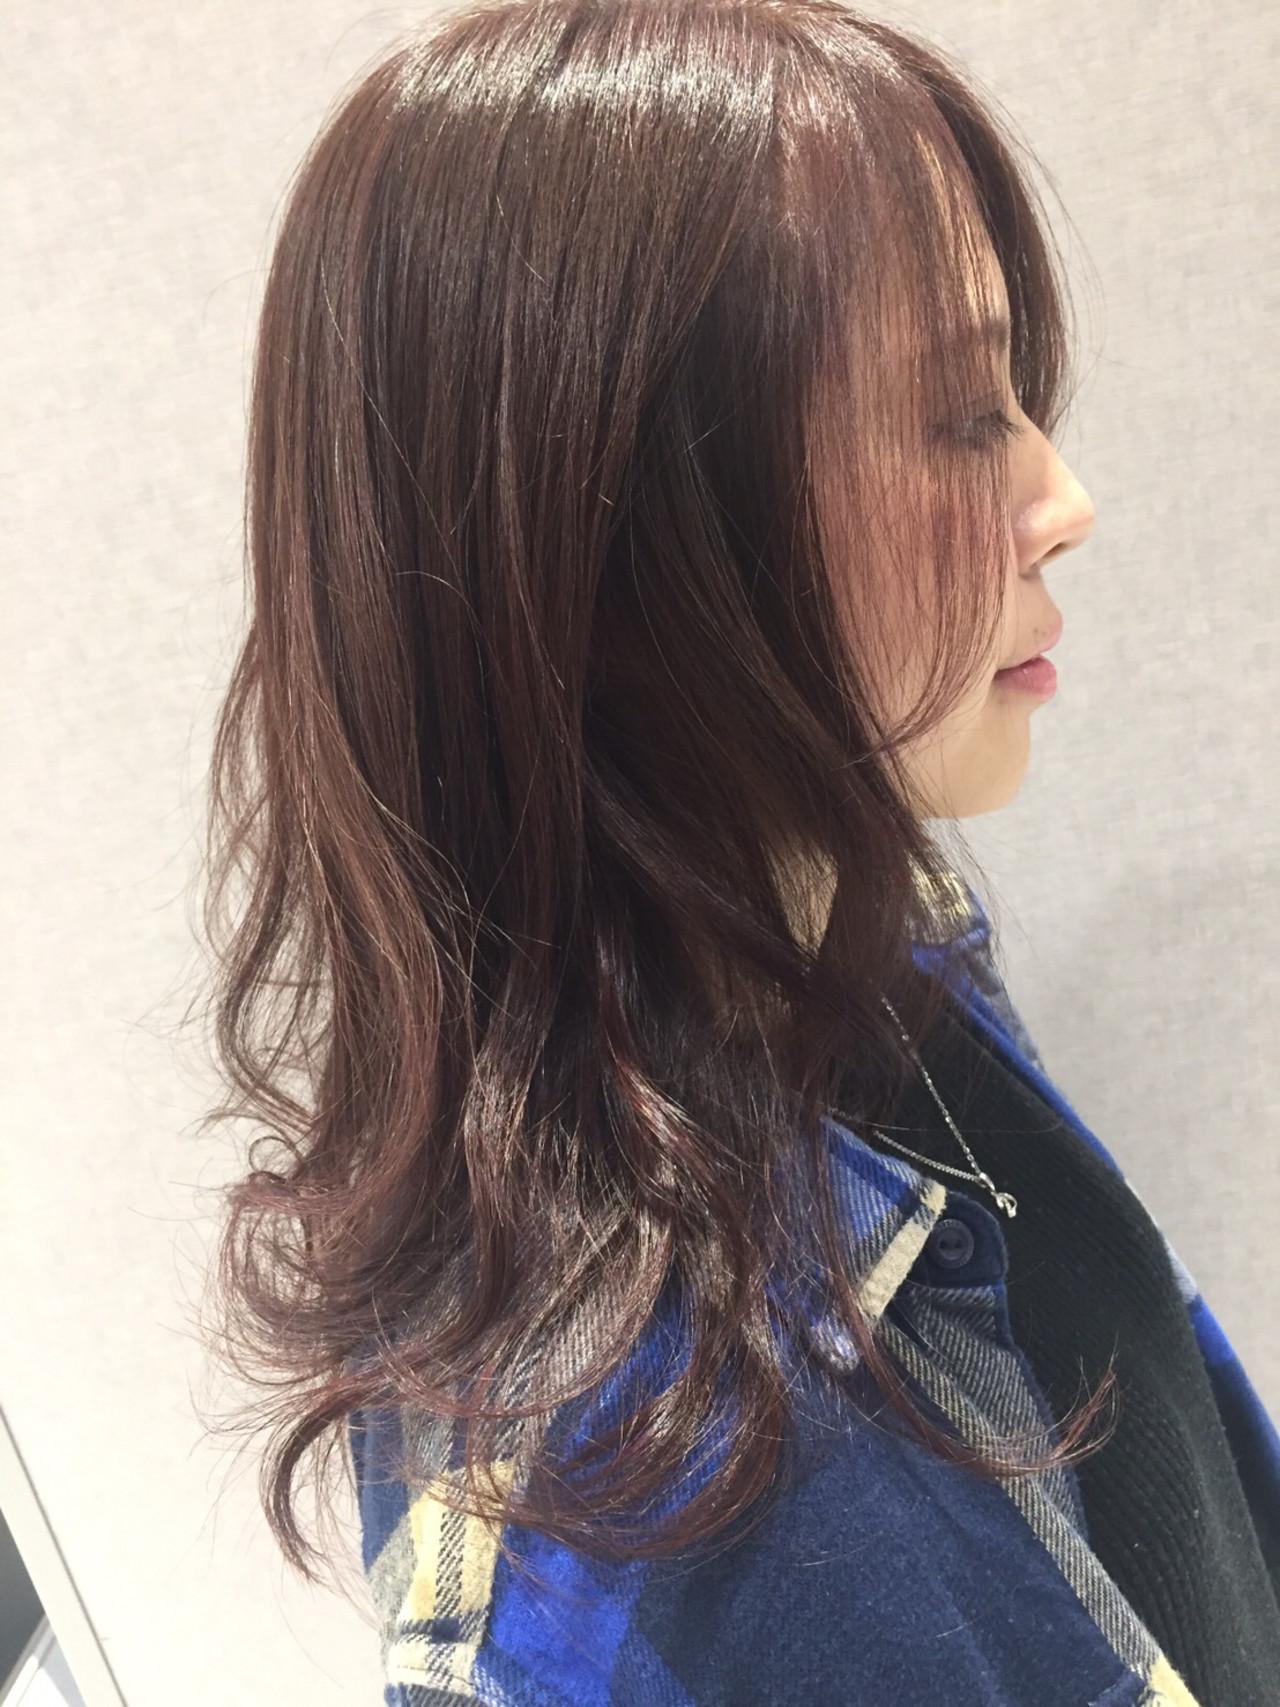 ピンクパープル ラベンダーピンク ピンクアッシュ ラズベリーピンク ヘアスタイルや髪型の写真・画像